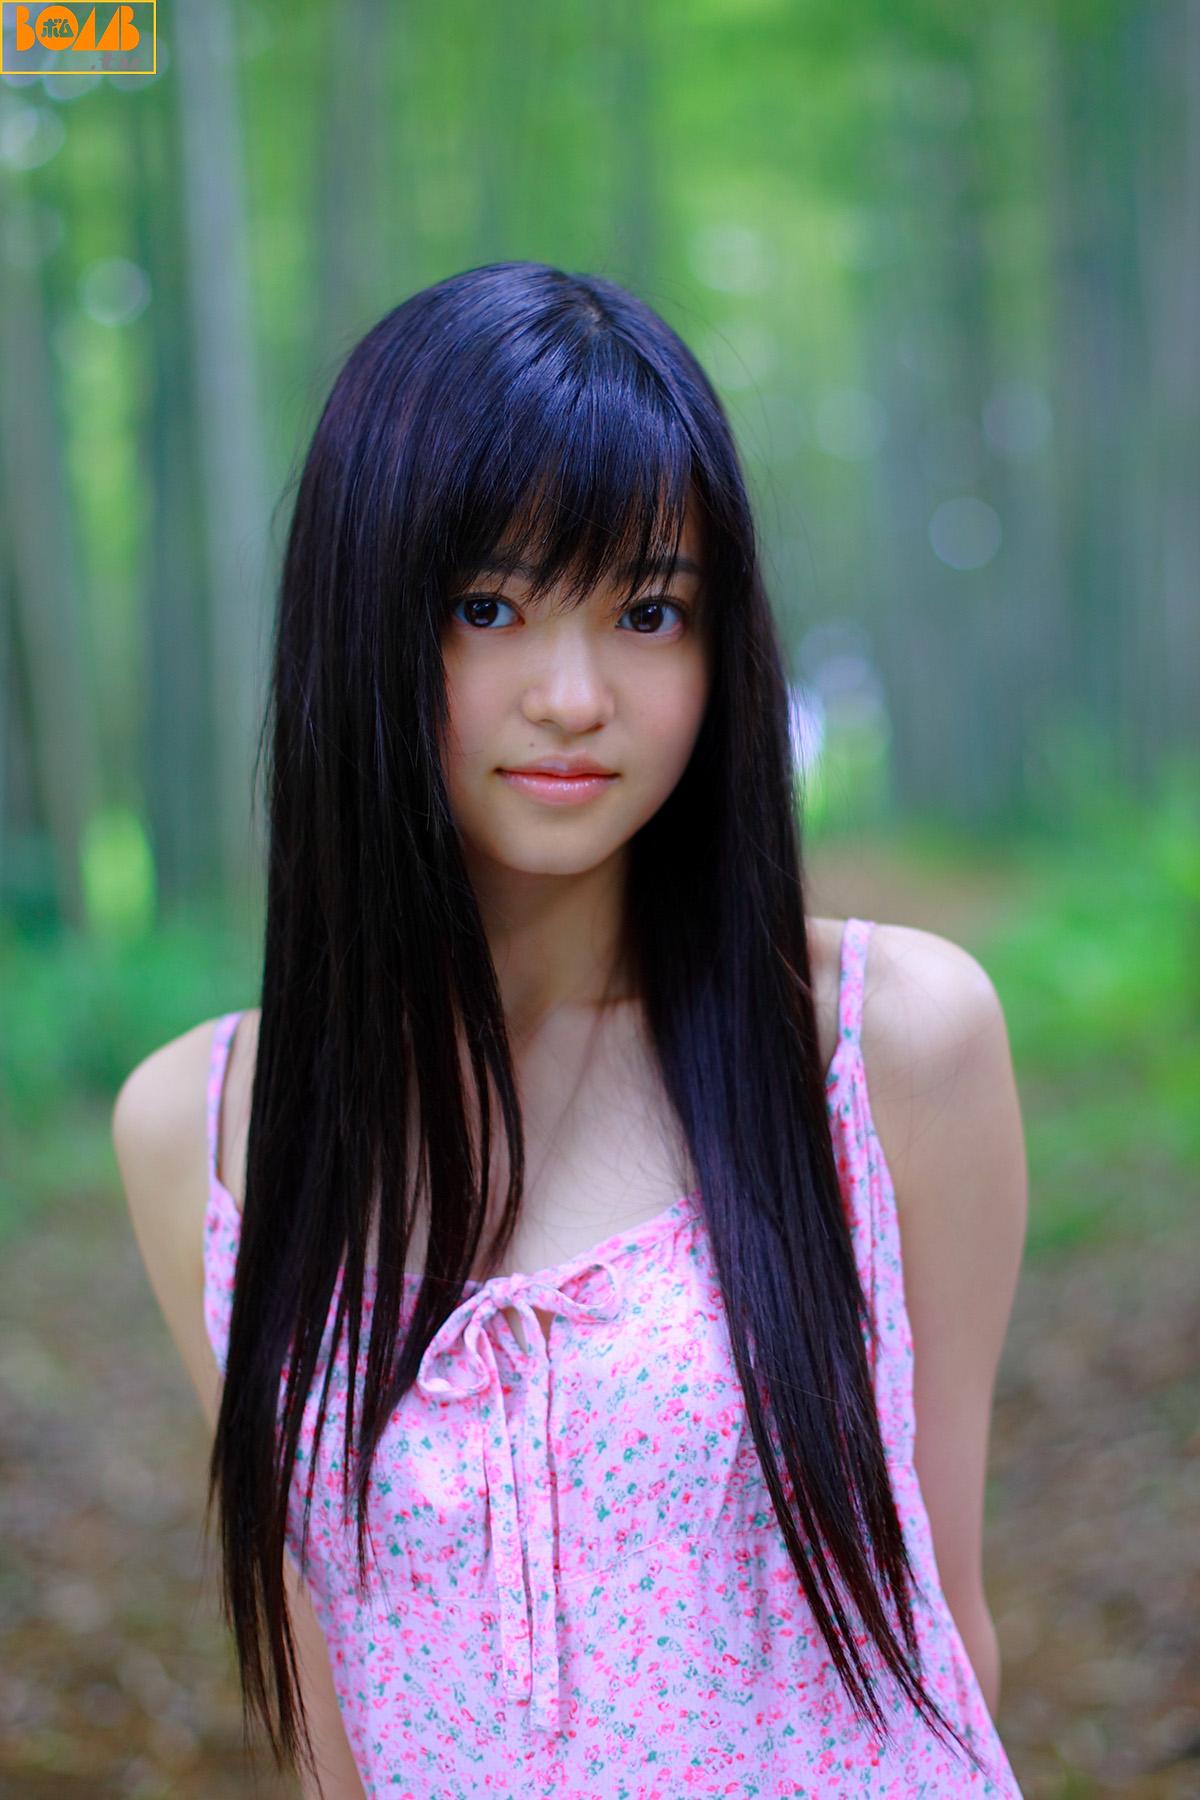 Ryoko Kobayashi ~ Bomb.tv Channel B [2006.07]